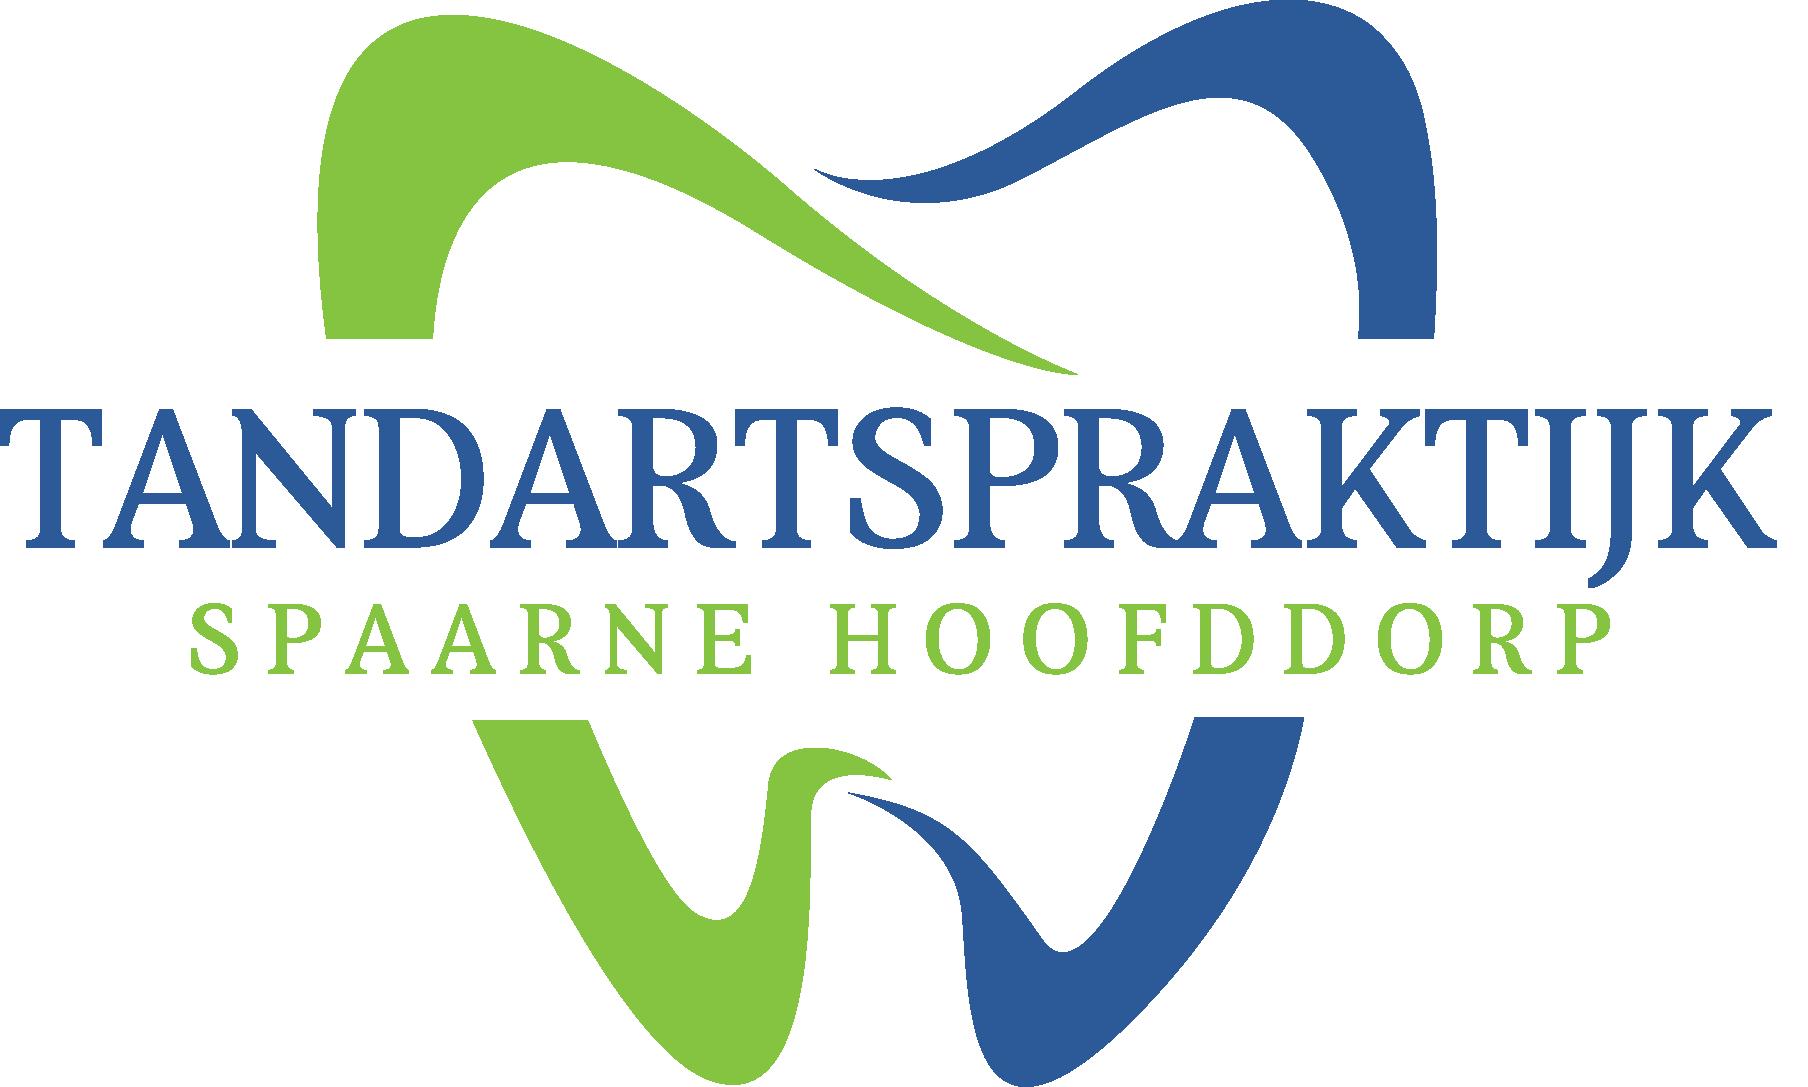 Tandartspraktijk Spaarne Hoofddorp